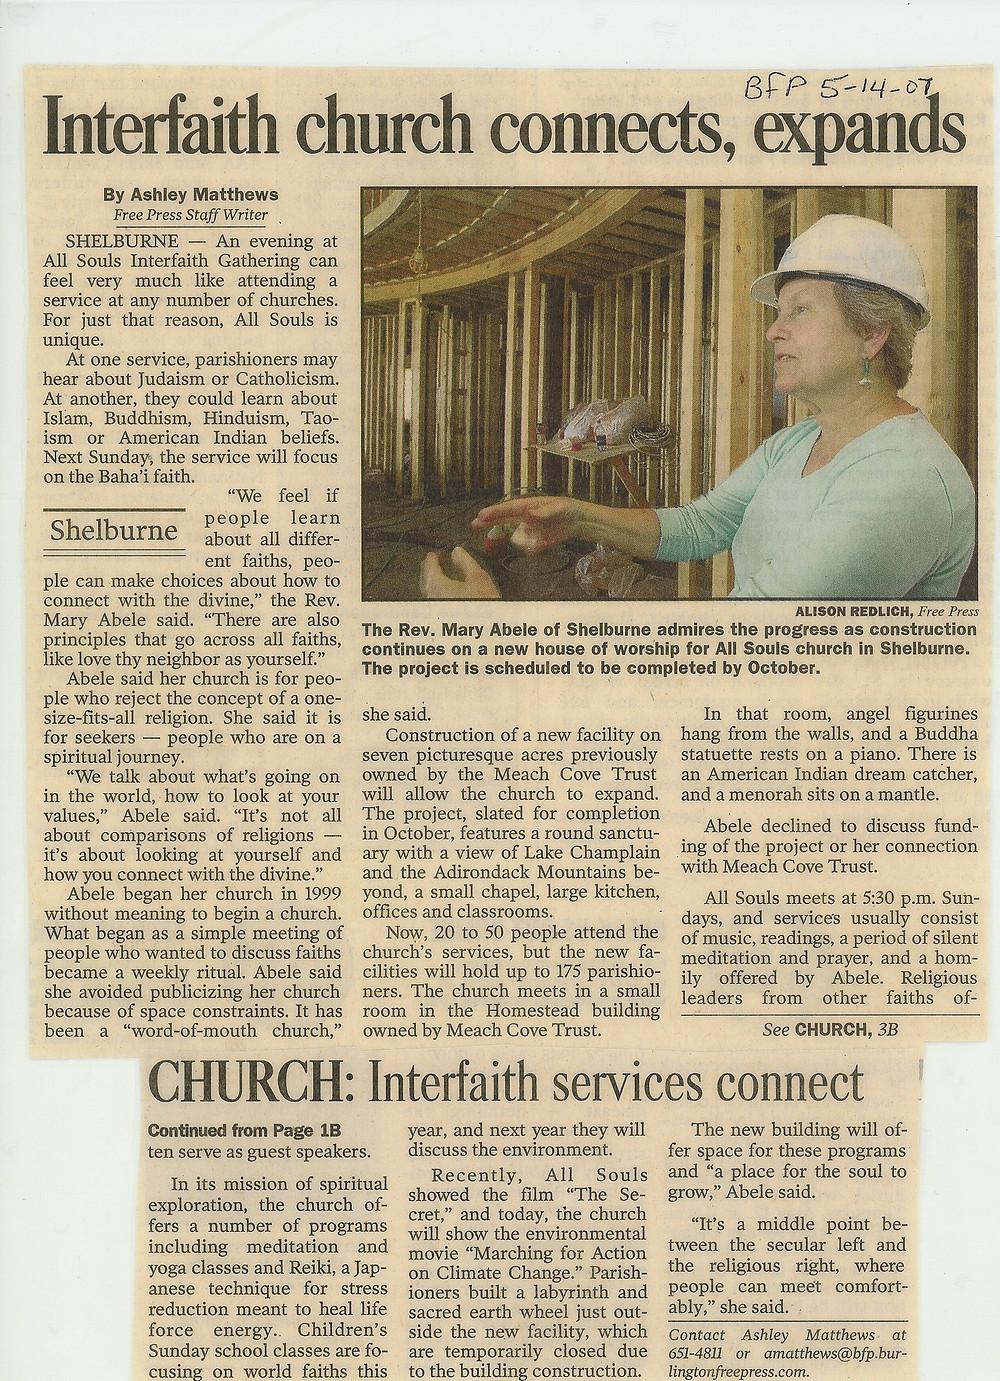 2007.05.14 Burlington Free Press 05_14_07.jpg